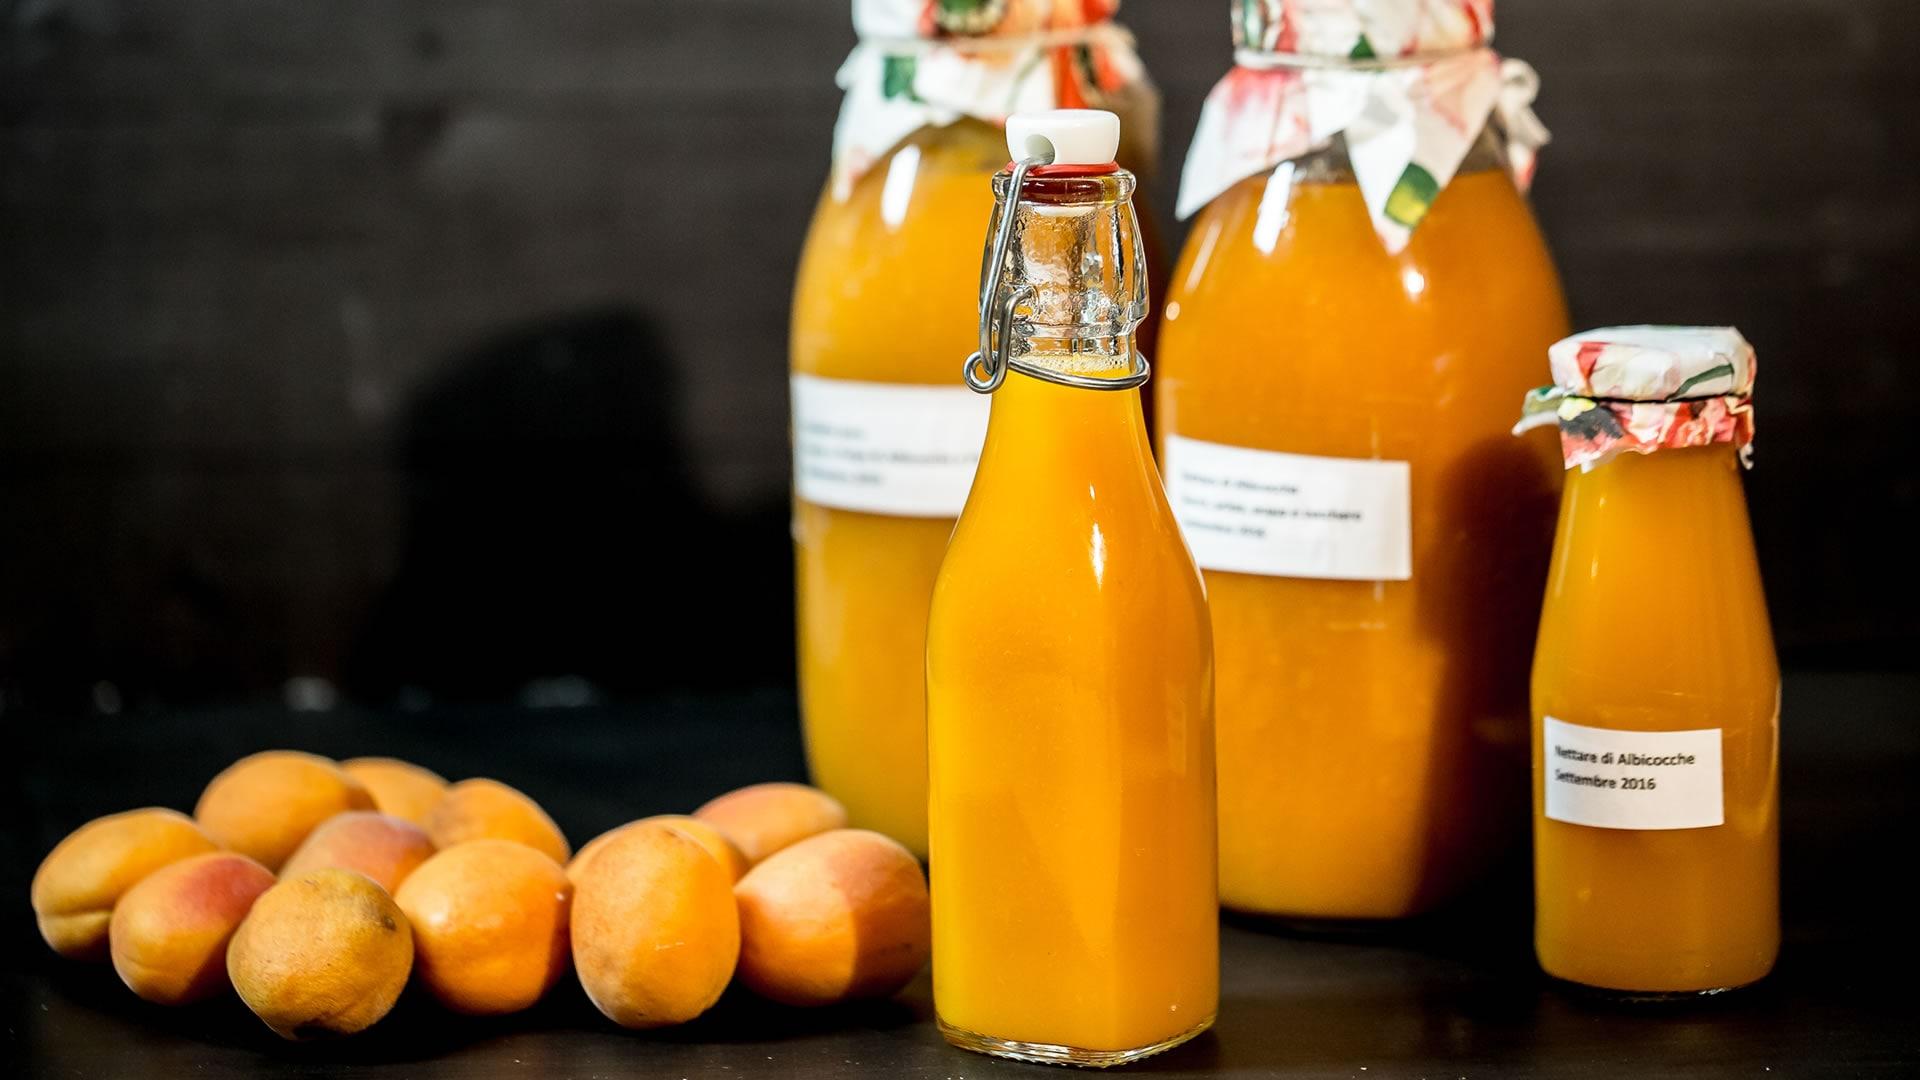 Foto Succo di Frutta Senza Estrattore - Succo di Albicocche